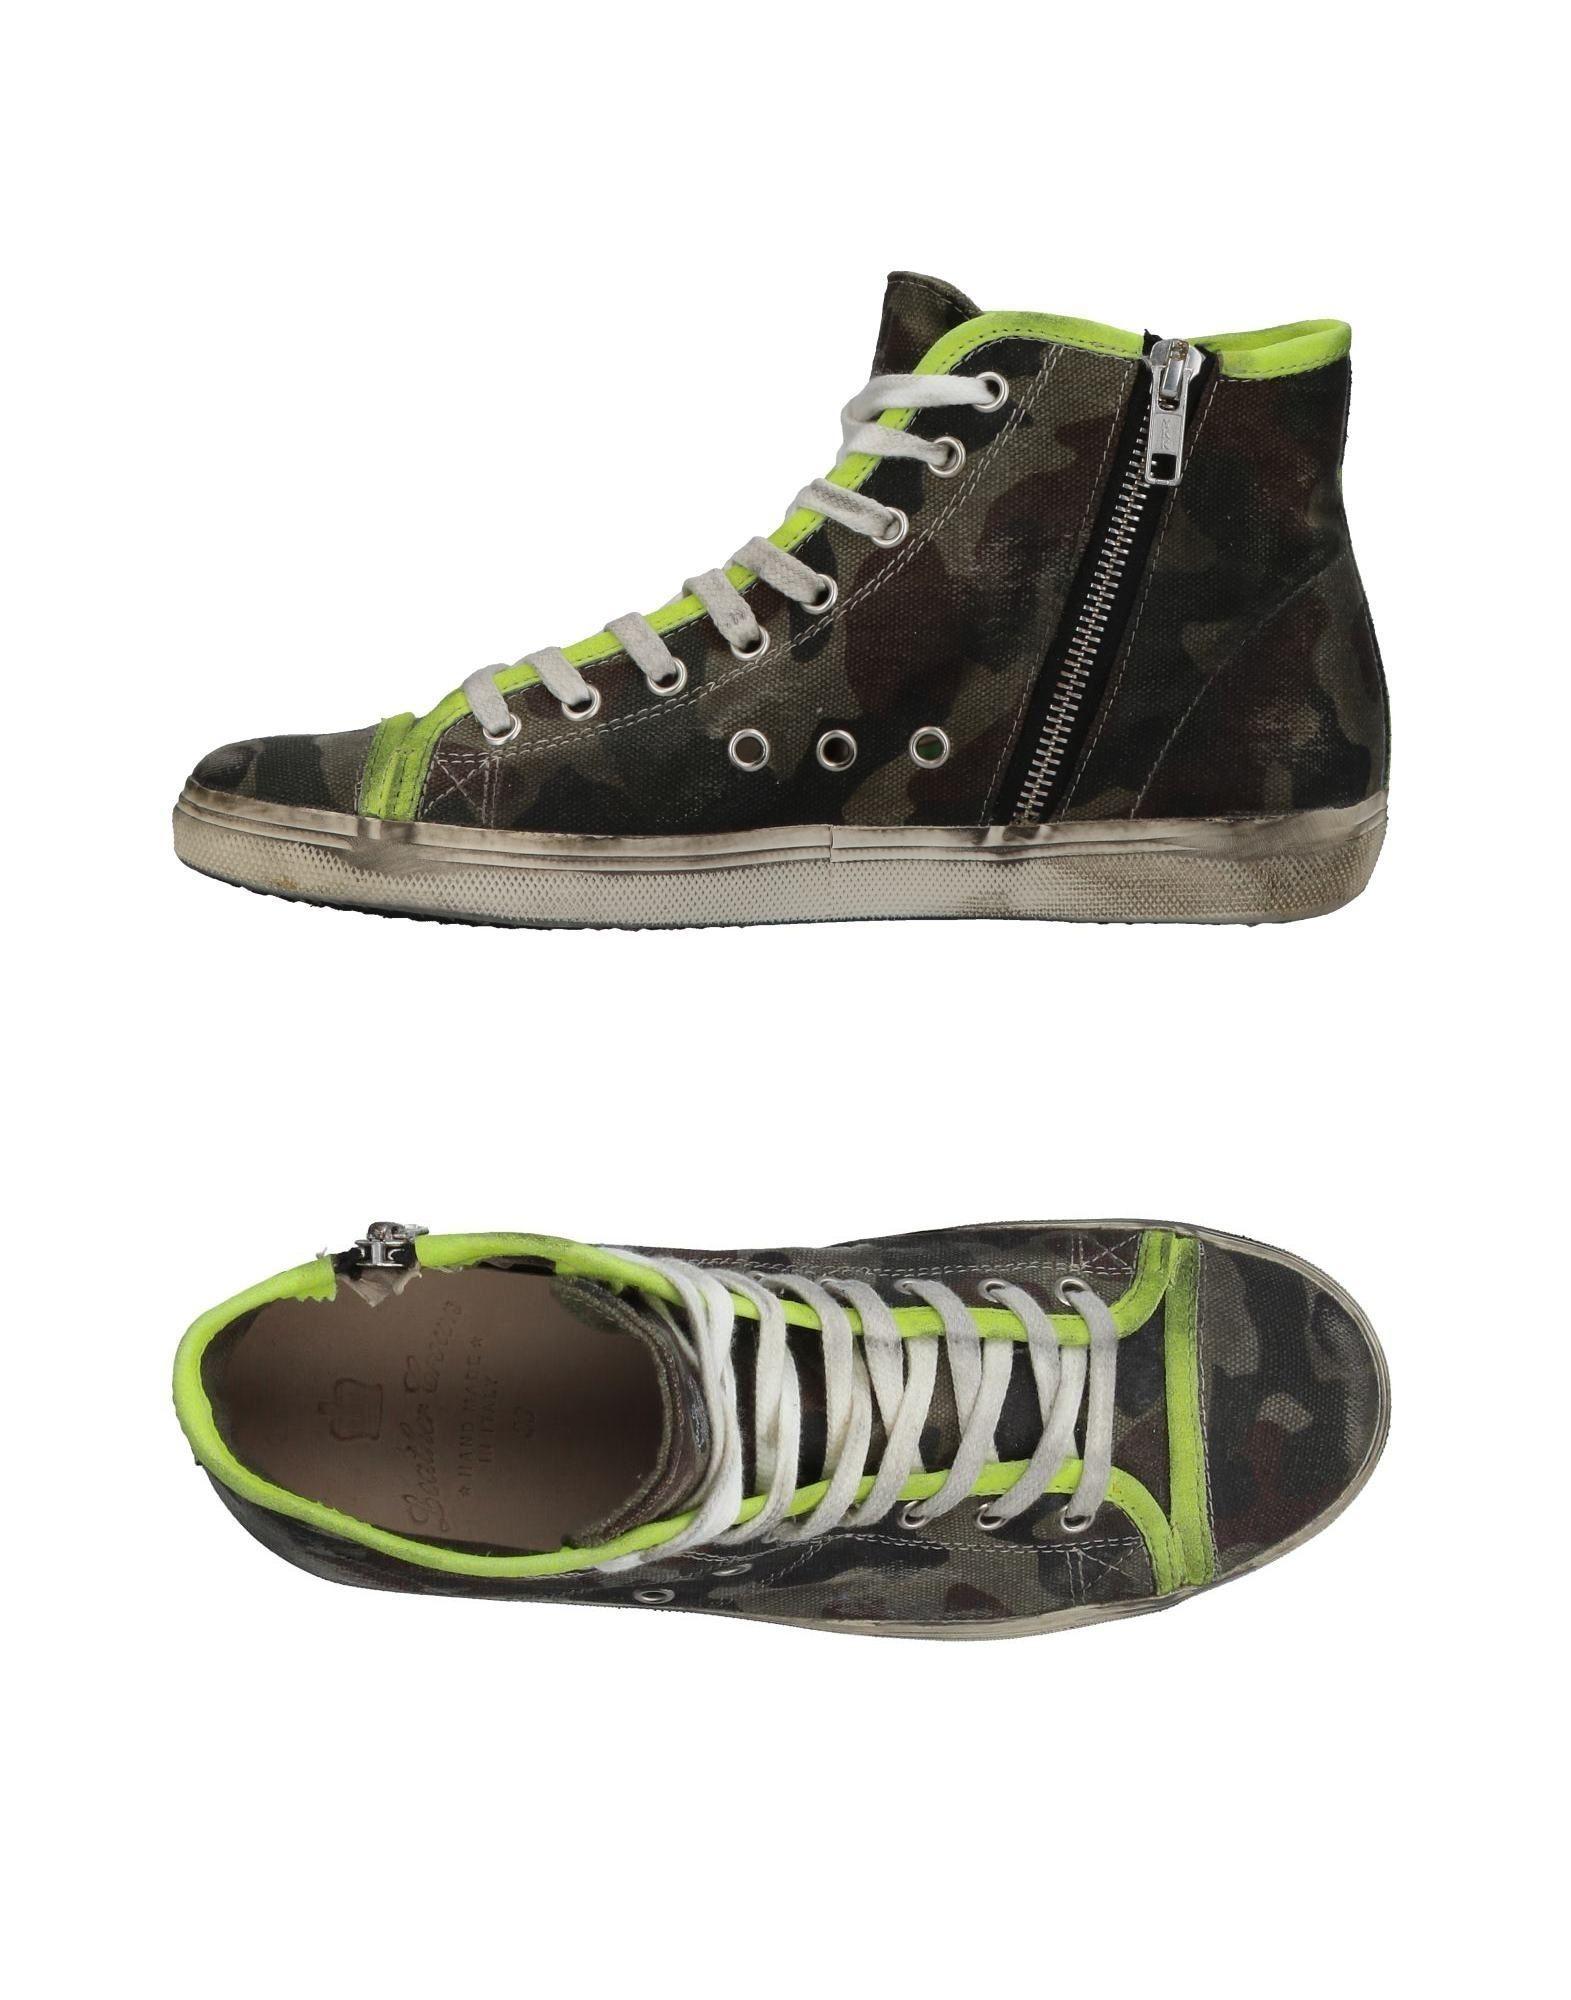 FOOTWEAR - High-tops & sneakers Leather Crown J1w3yk